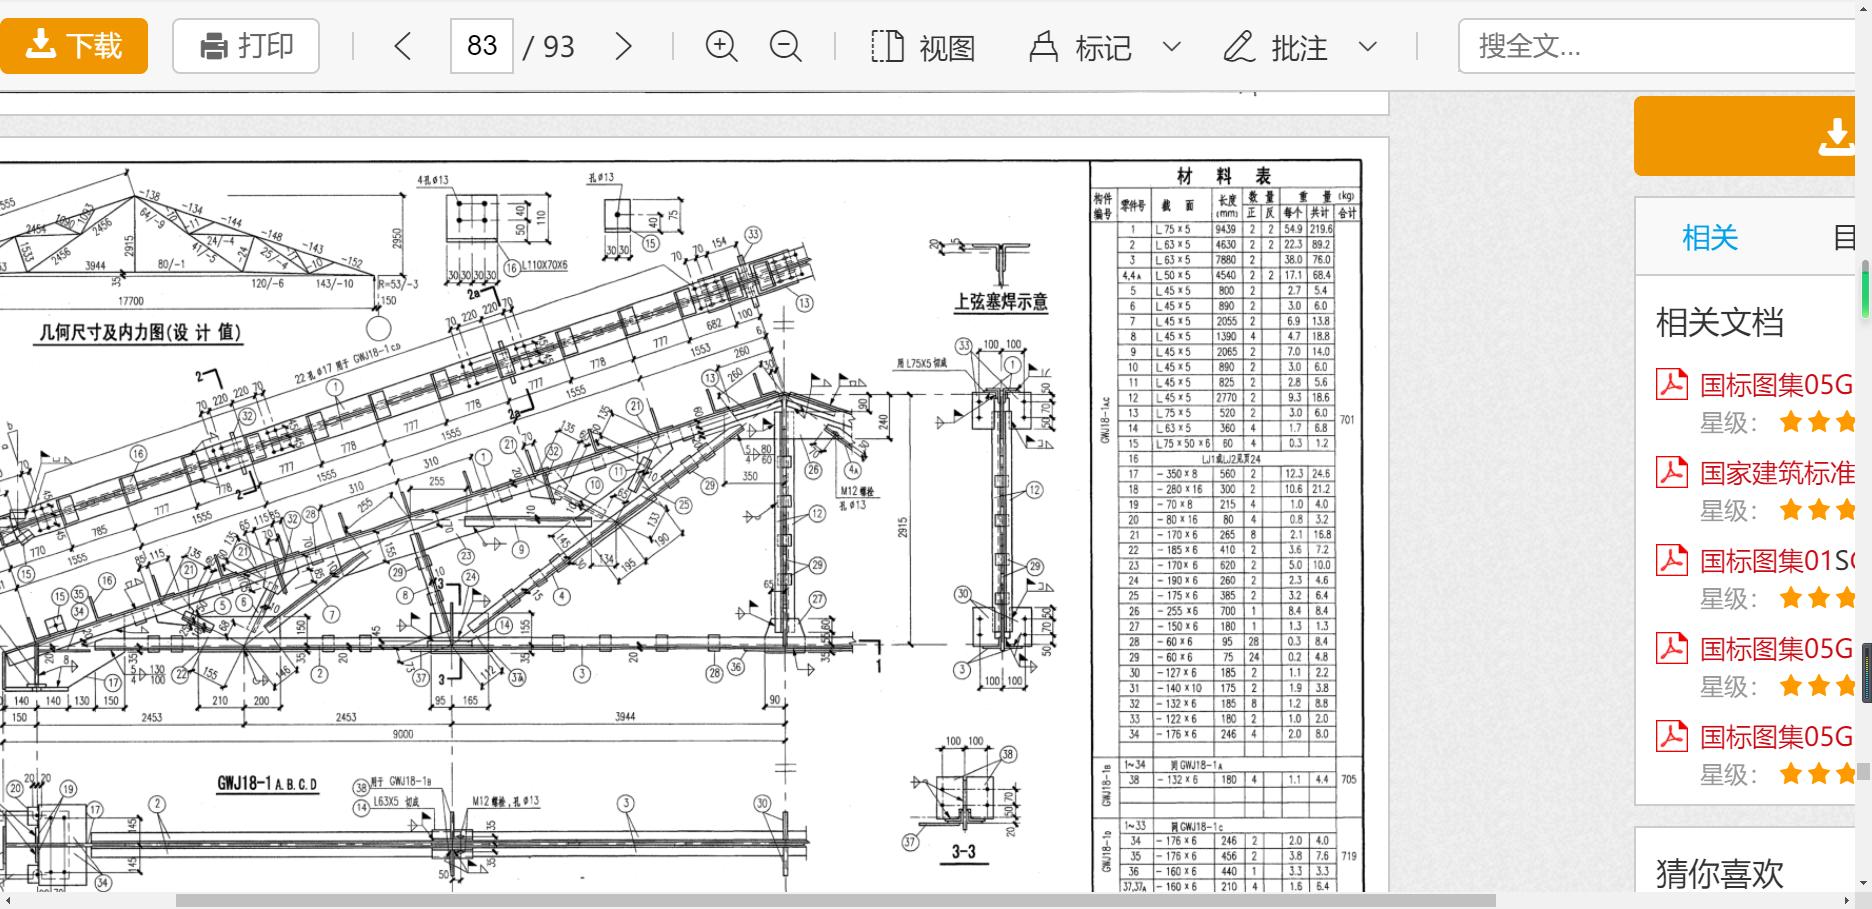 钢结构算量GJG,陕西,答疑:这个图集的钢结构工程量如何计算-陕西钢结构算量GJG,